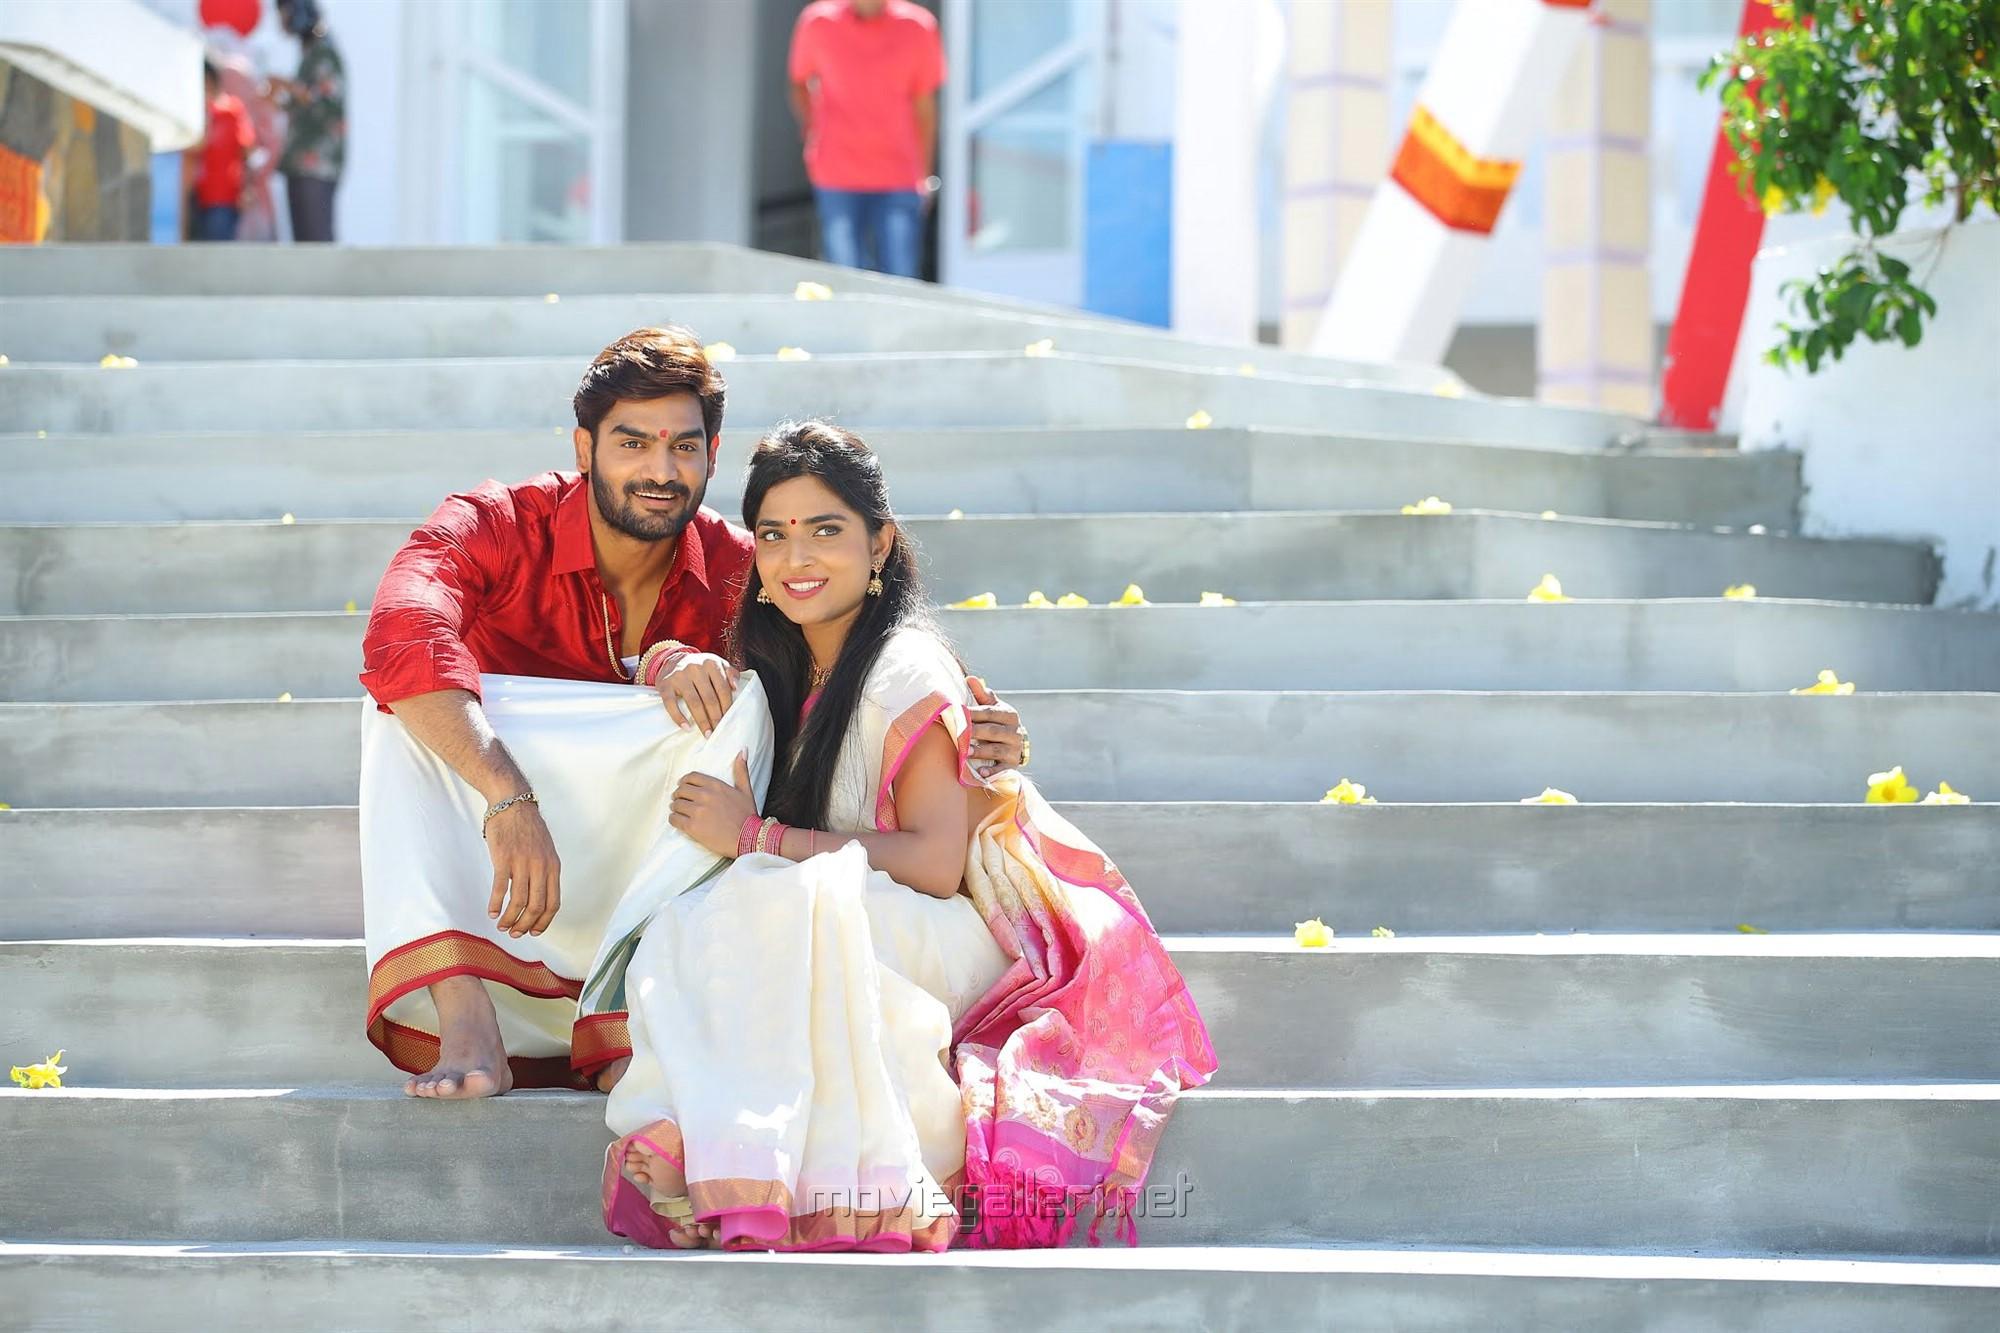 Kartikeya, Anagha in Guna 369 Movie Images HD